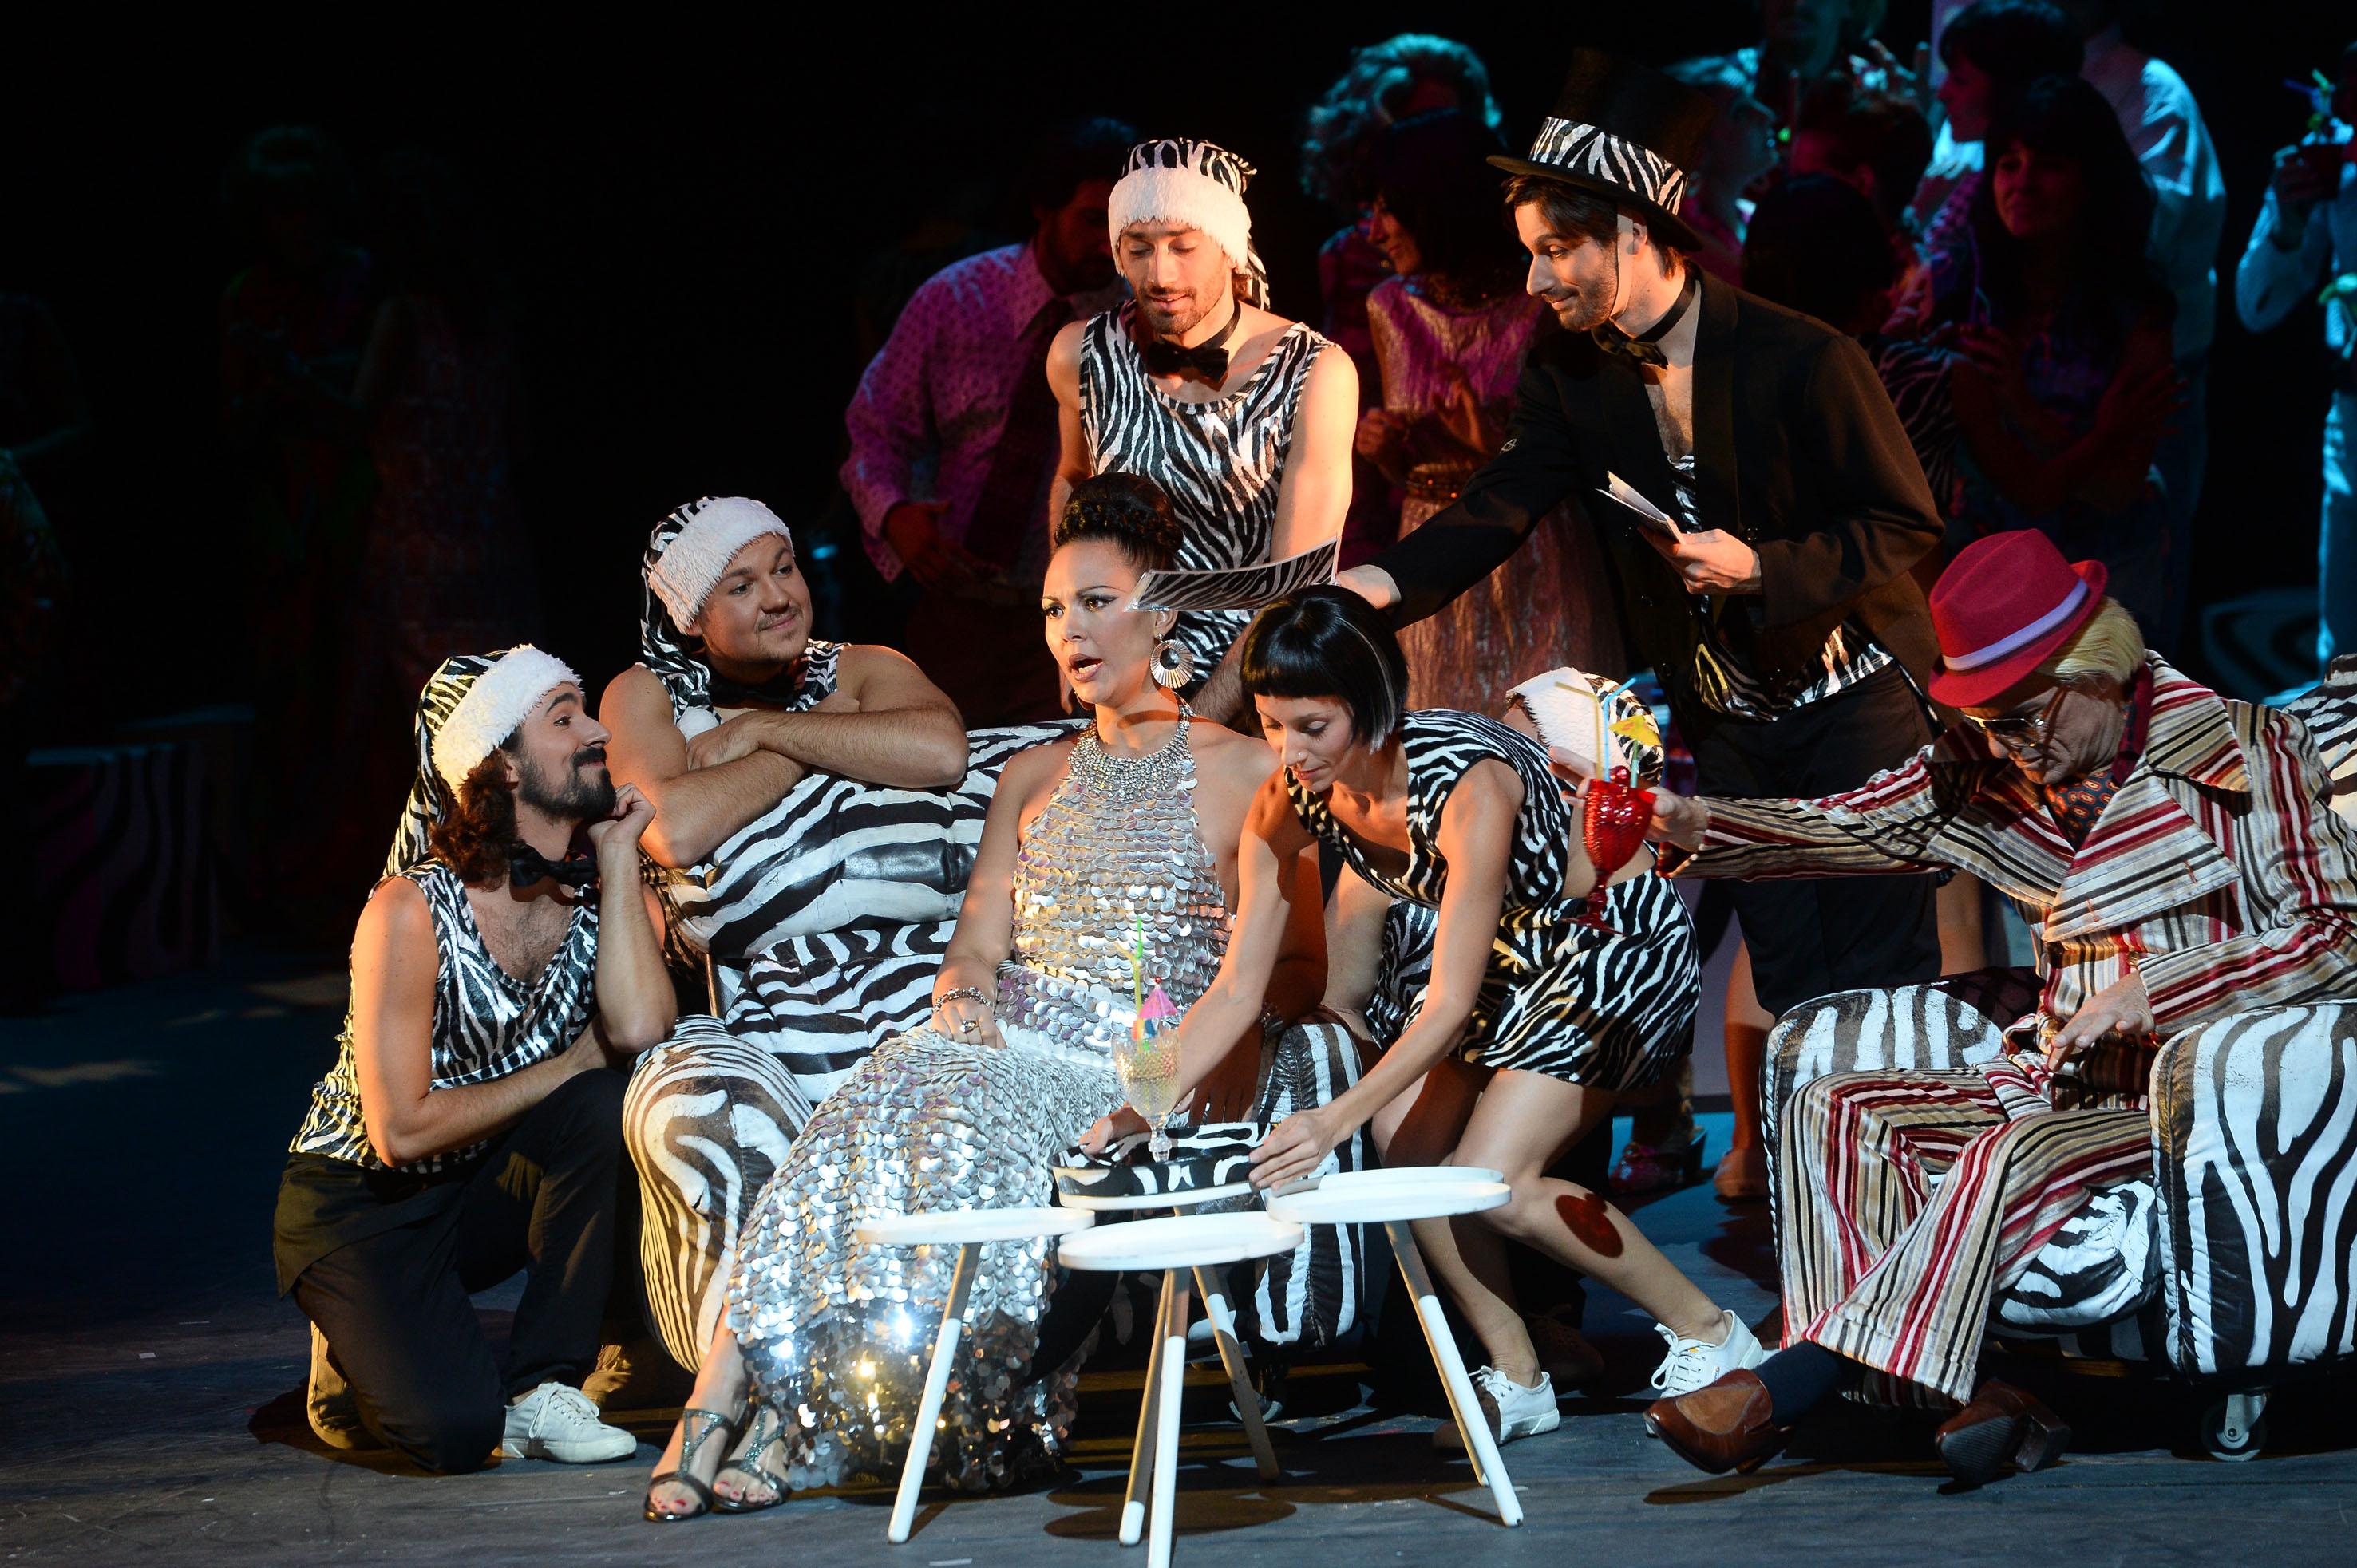 TEATRO GRANDE STAGIONE LIRICA 2015/2016 PROVA GENERALE BOHEME